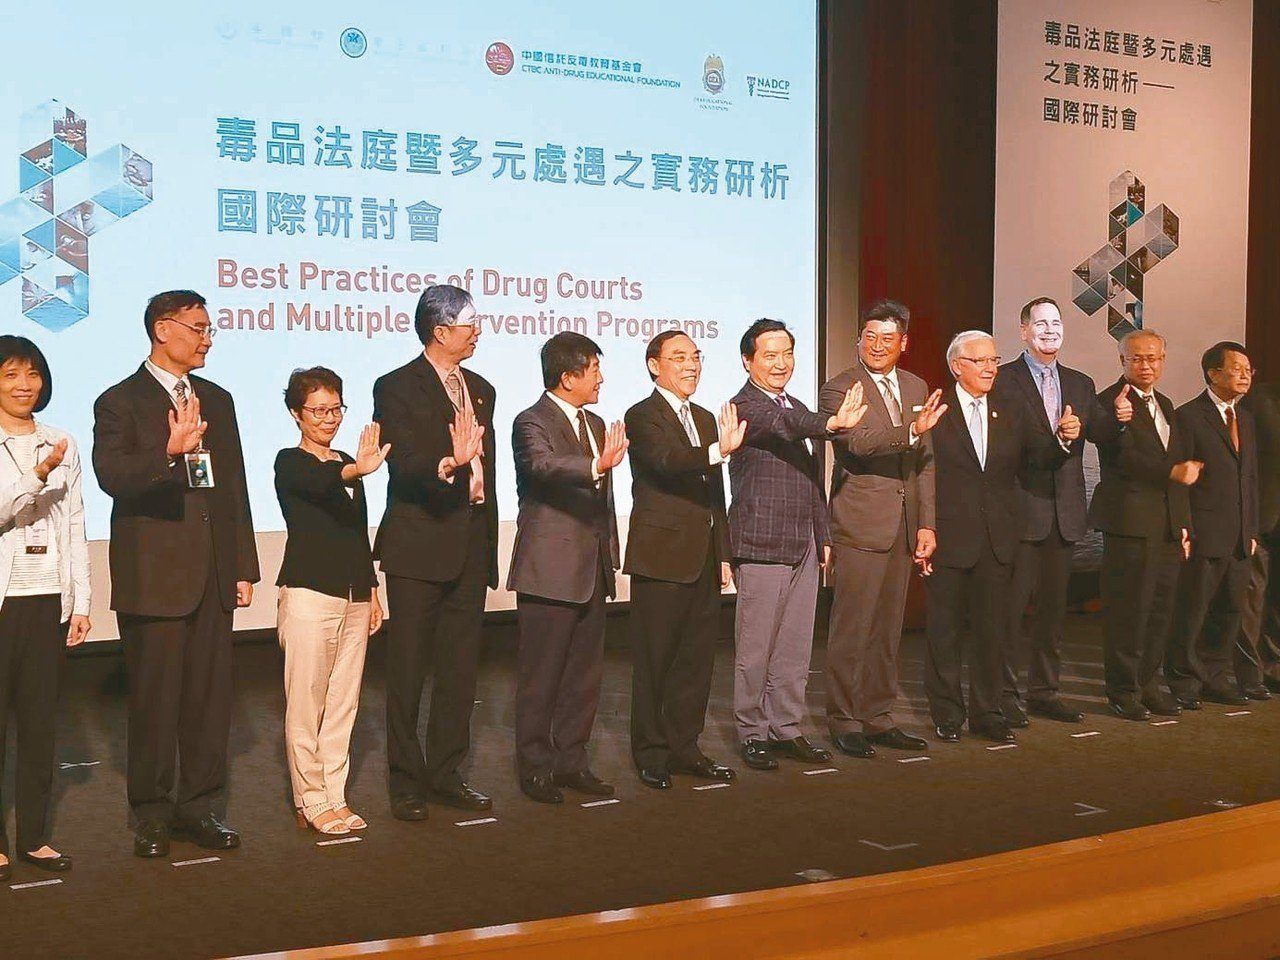 中國信託反毒教育基金會與法務部等單位,昨天在台大舉行「毒品法庭」國際研討會,中信...